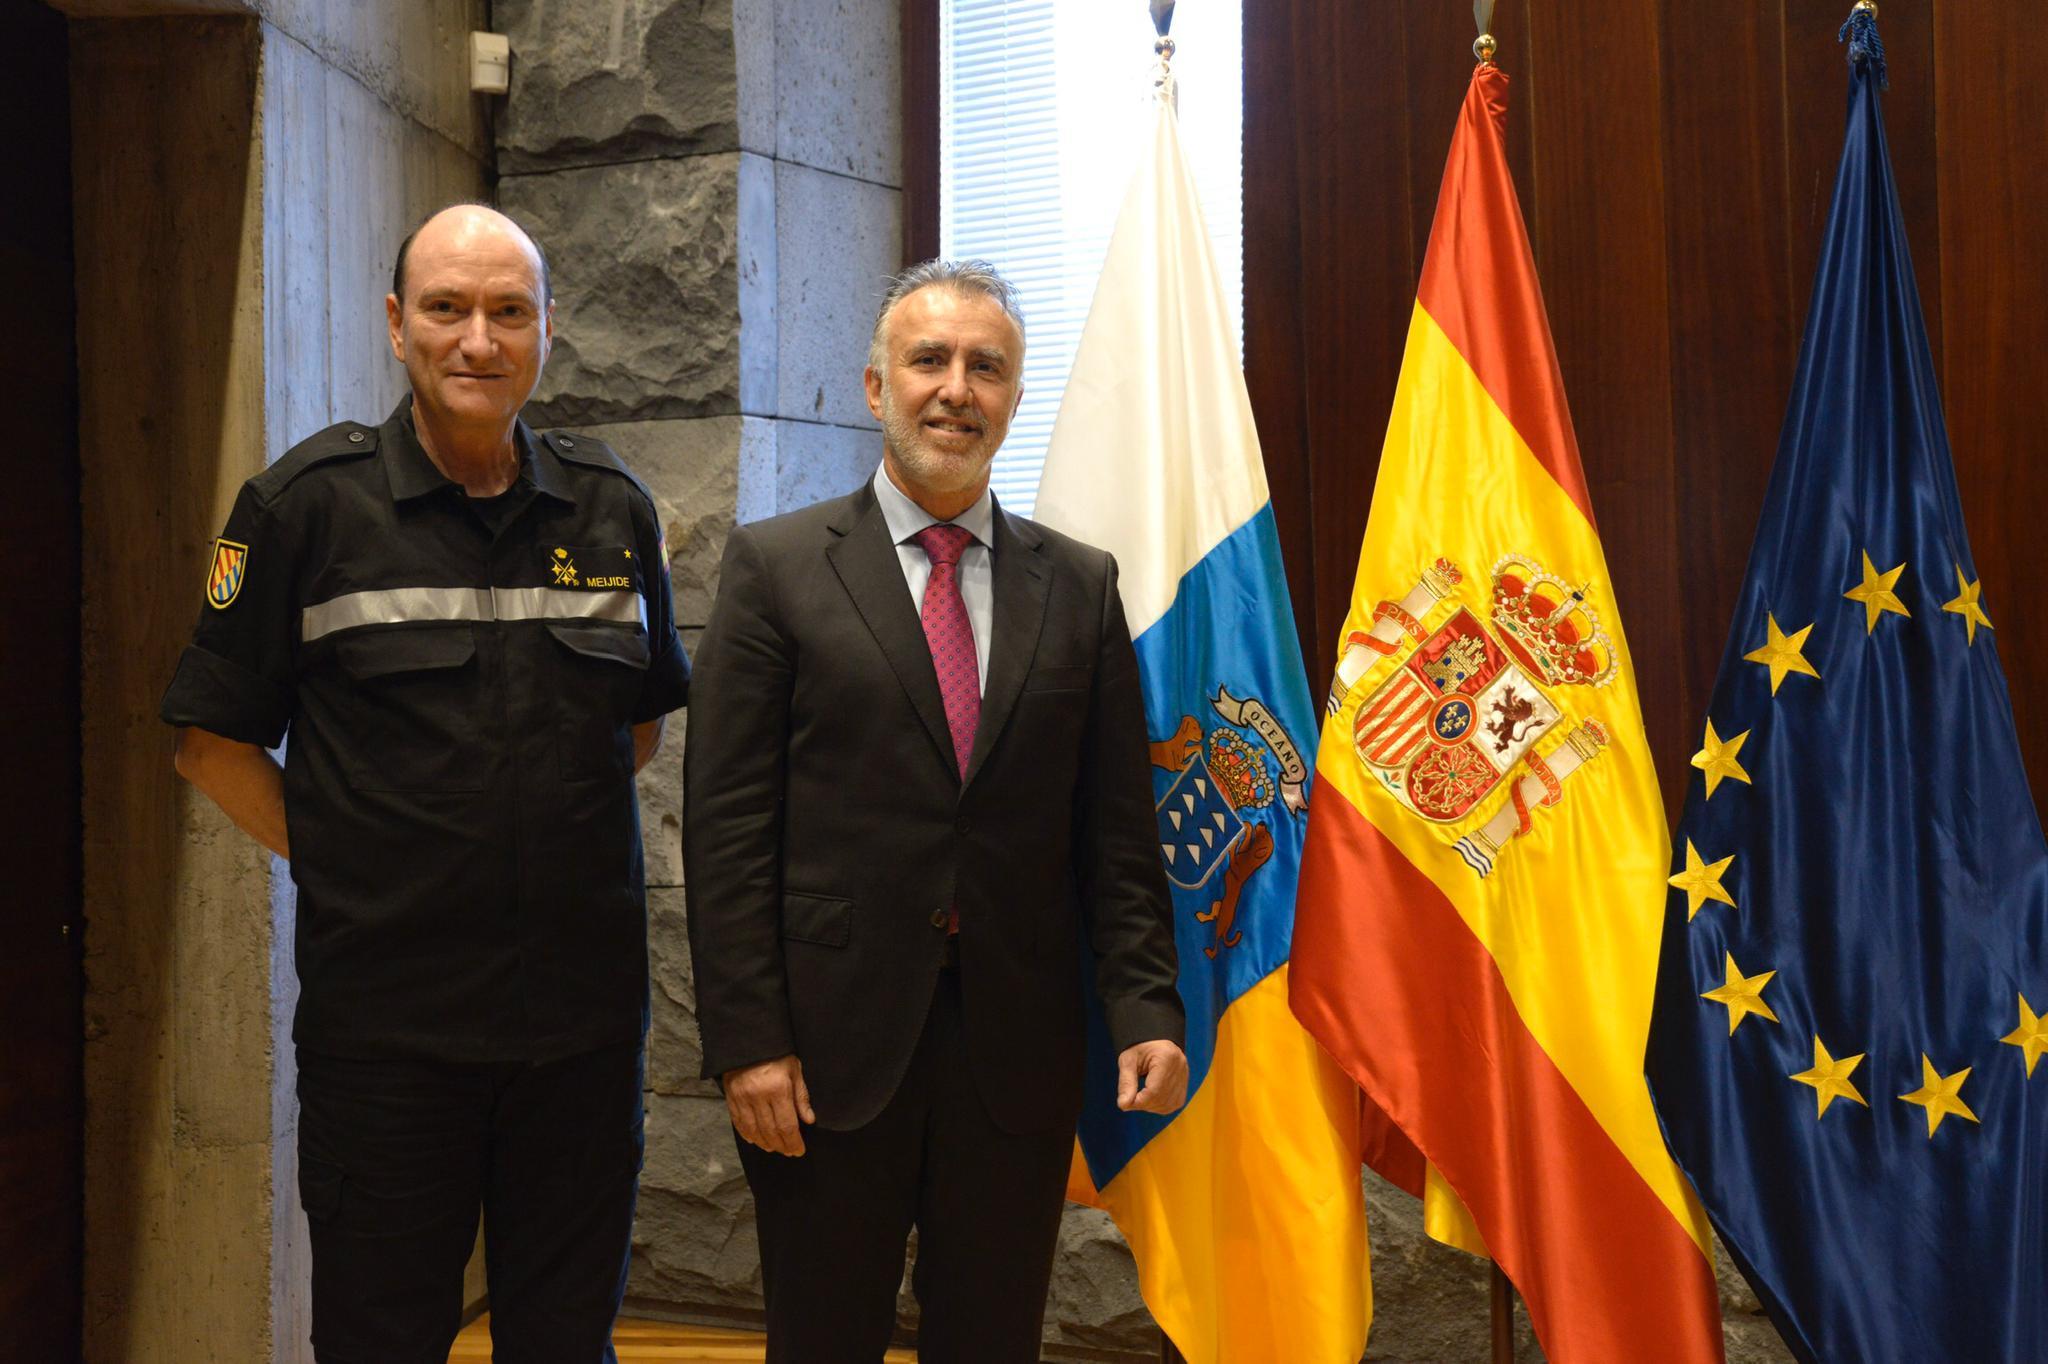 El presidente de Canarias recibe al teniente general responsable de la Unidad Militar de Emergencias